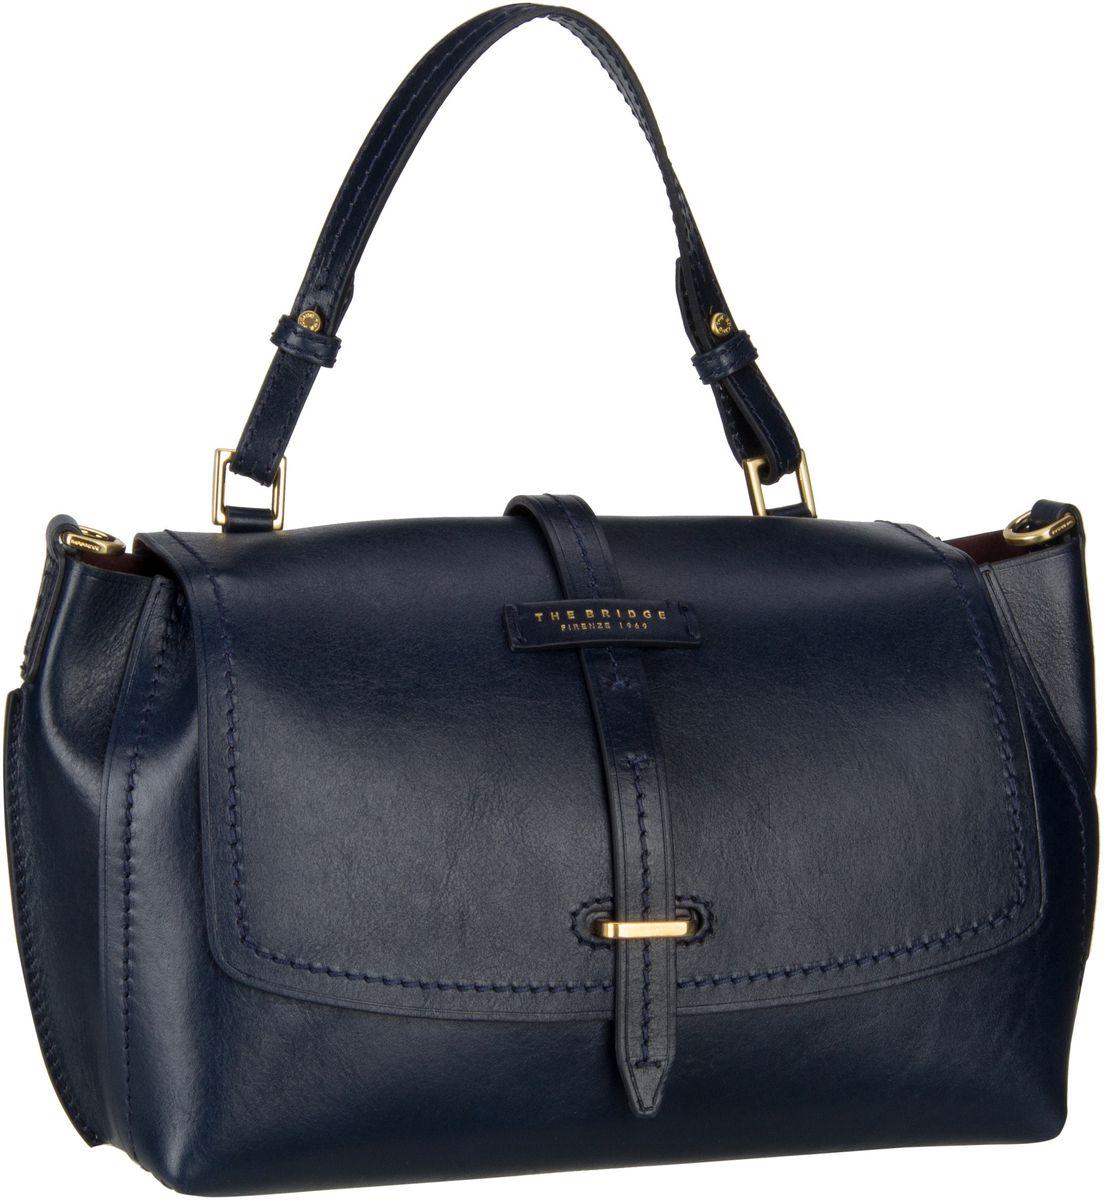 Handtasche Florentin Damentasche 3407 Blu Navy/Oro Vintage